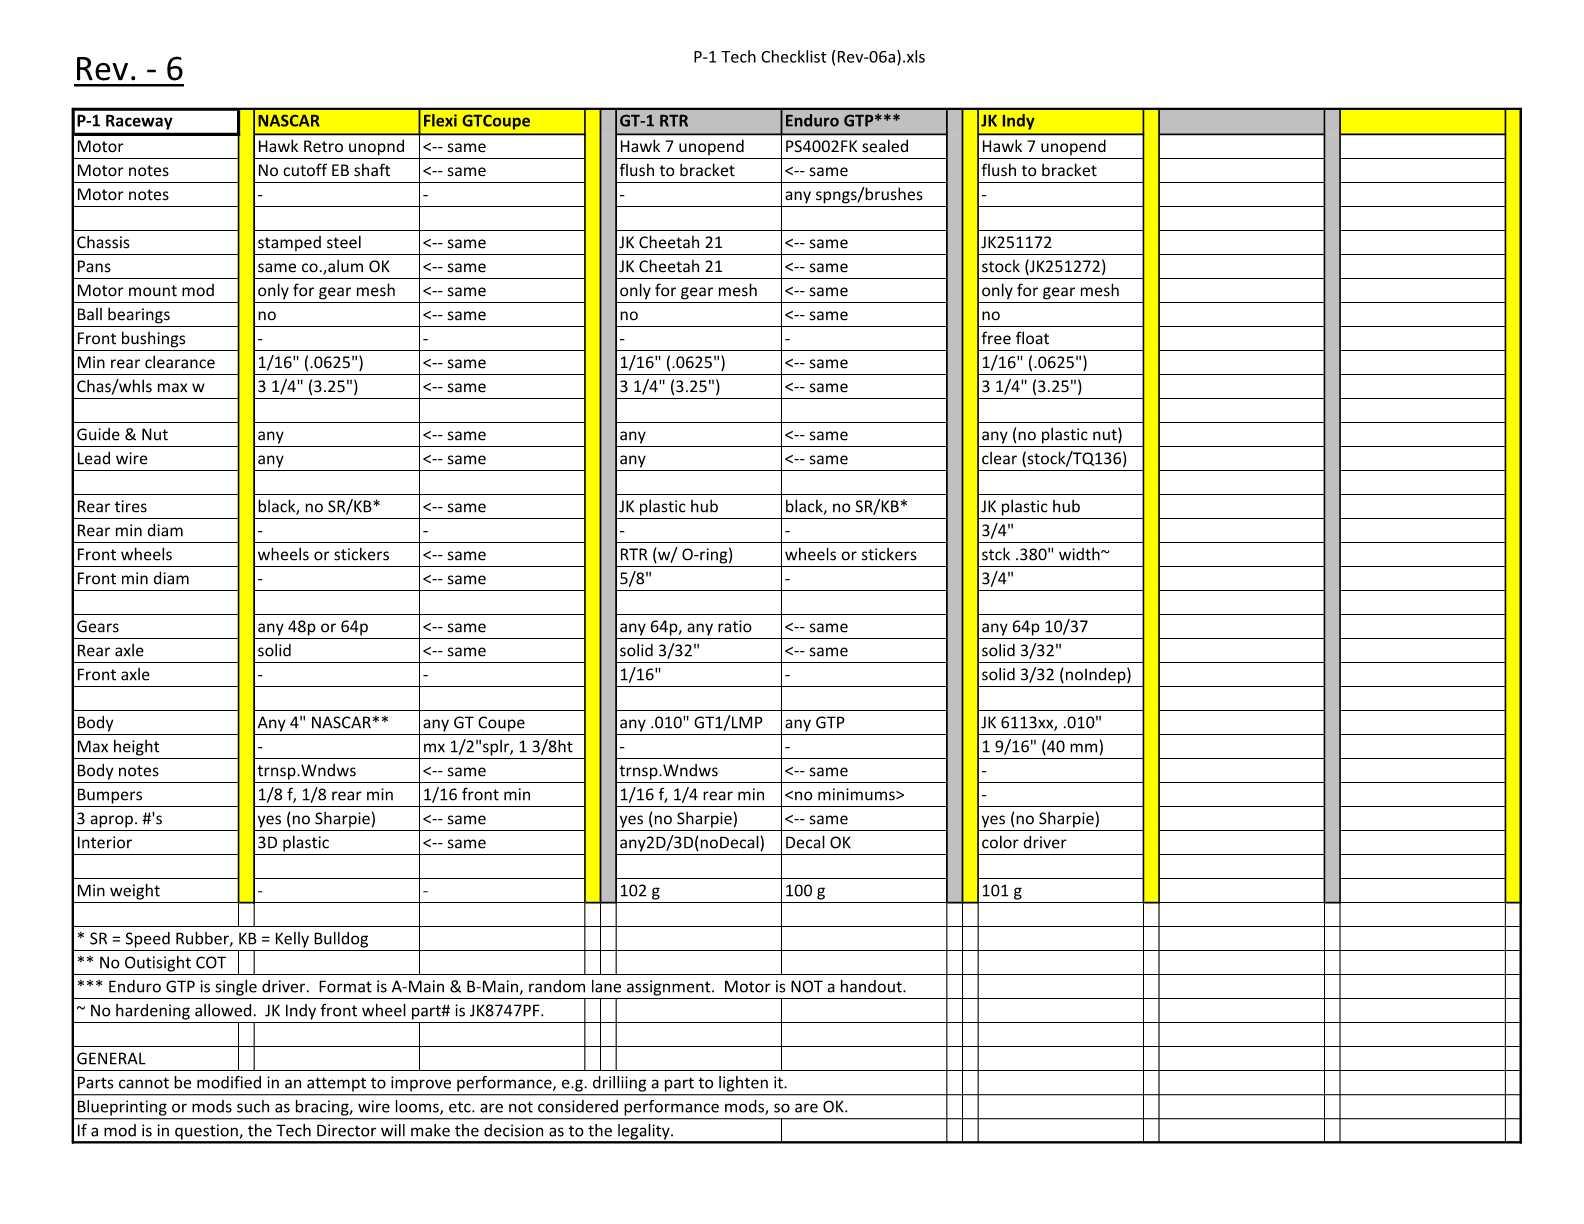 P-1 Tech Checklist (Rev-06a).jpg